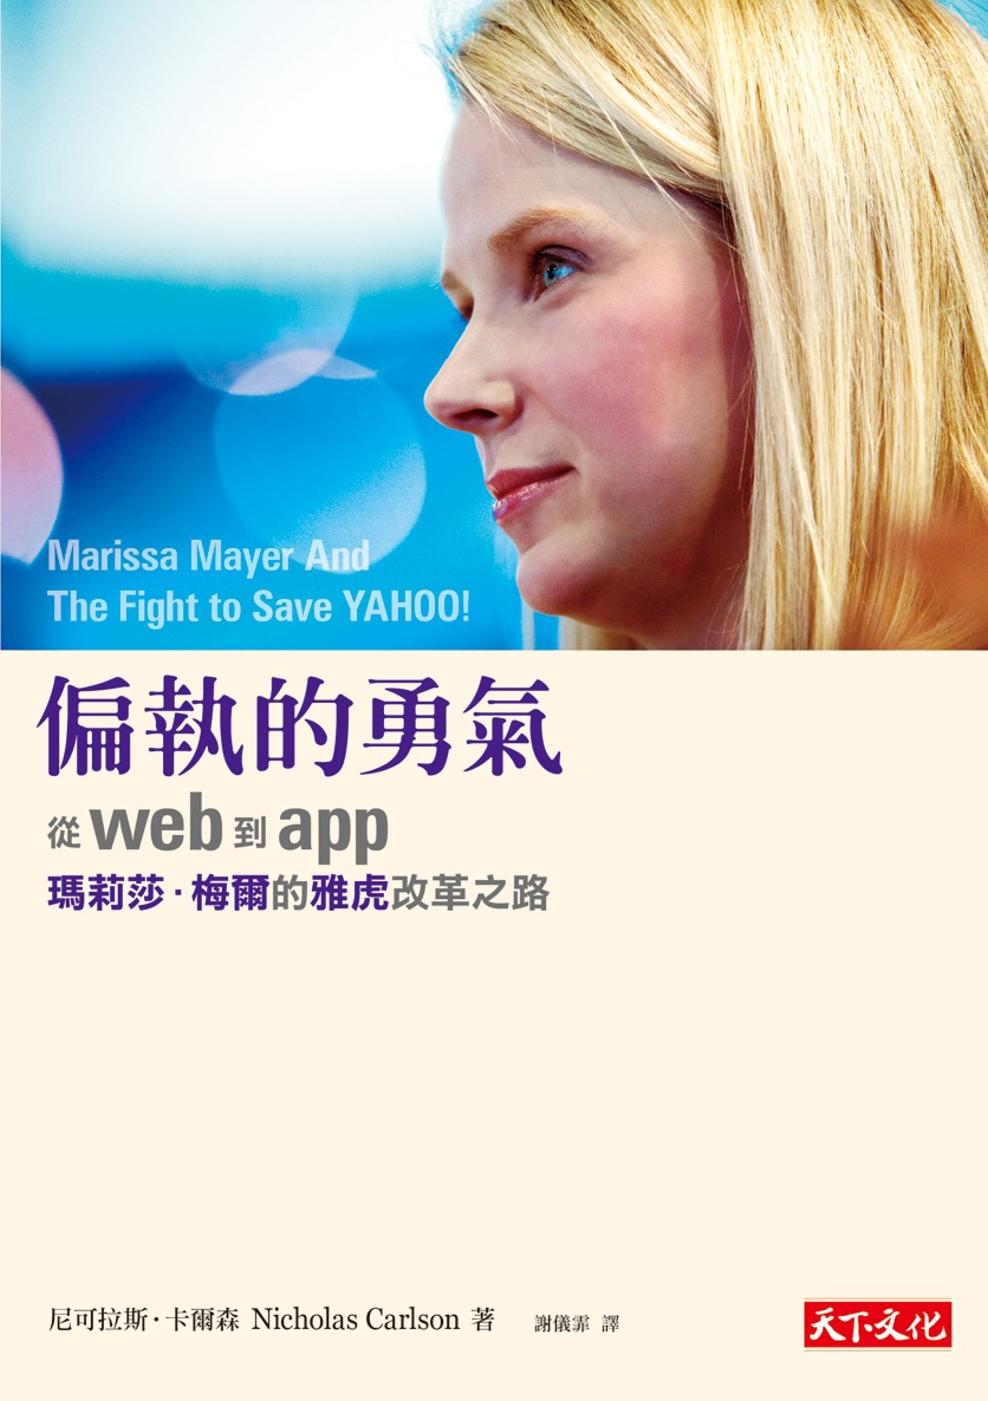 偏执的勇气:从web到app 玛莉莎.梅尔的雅虎改革之路